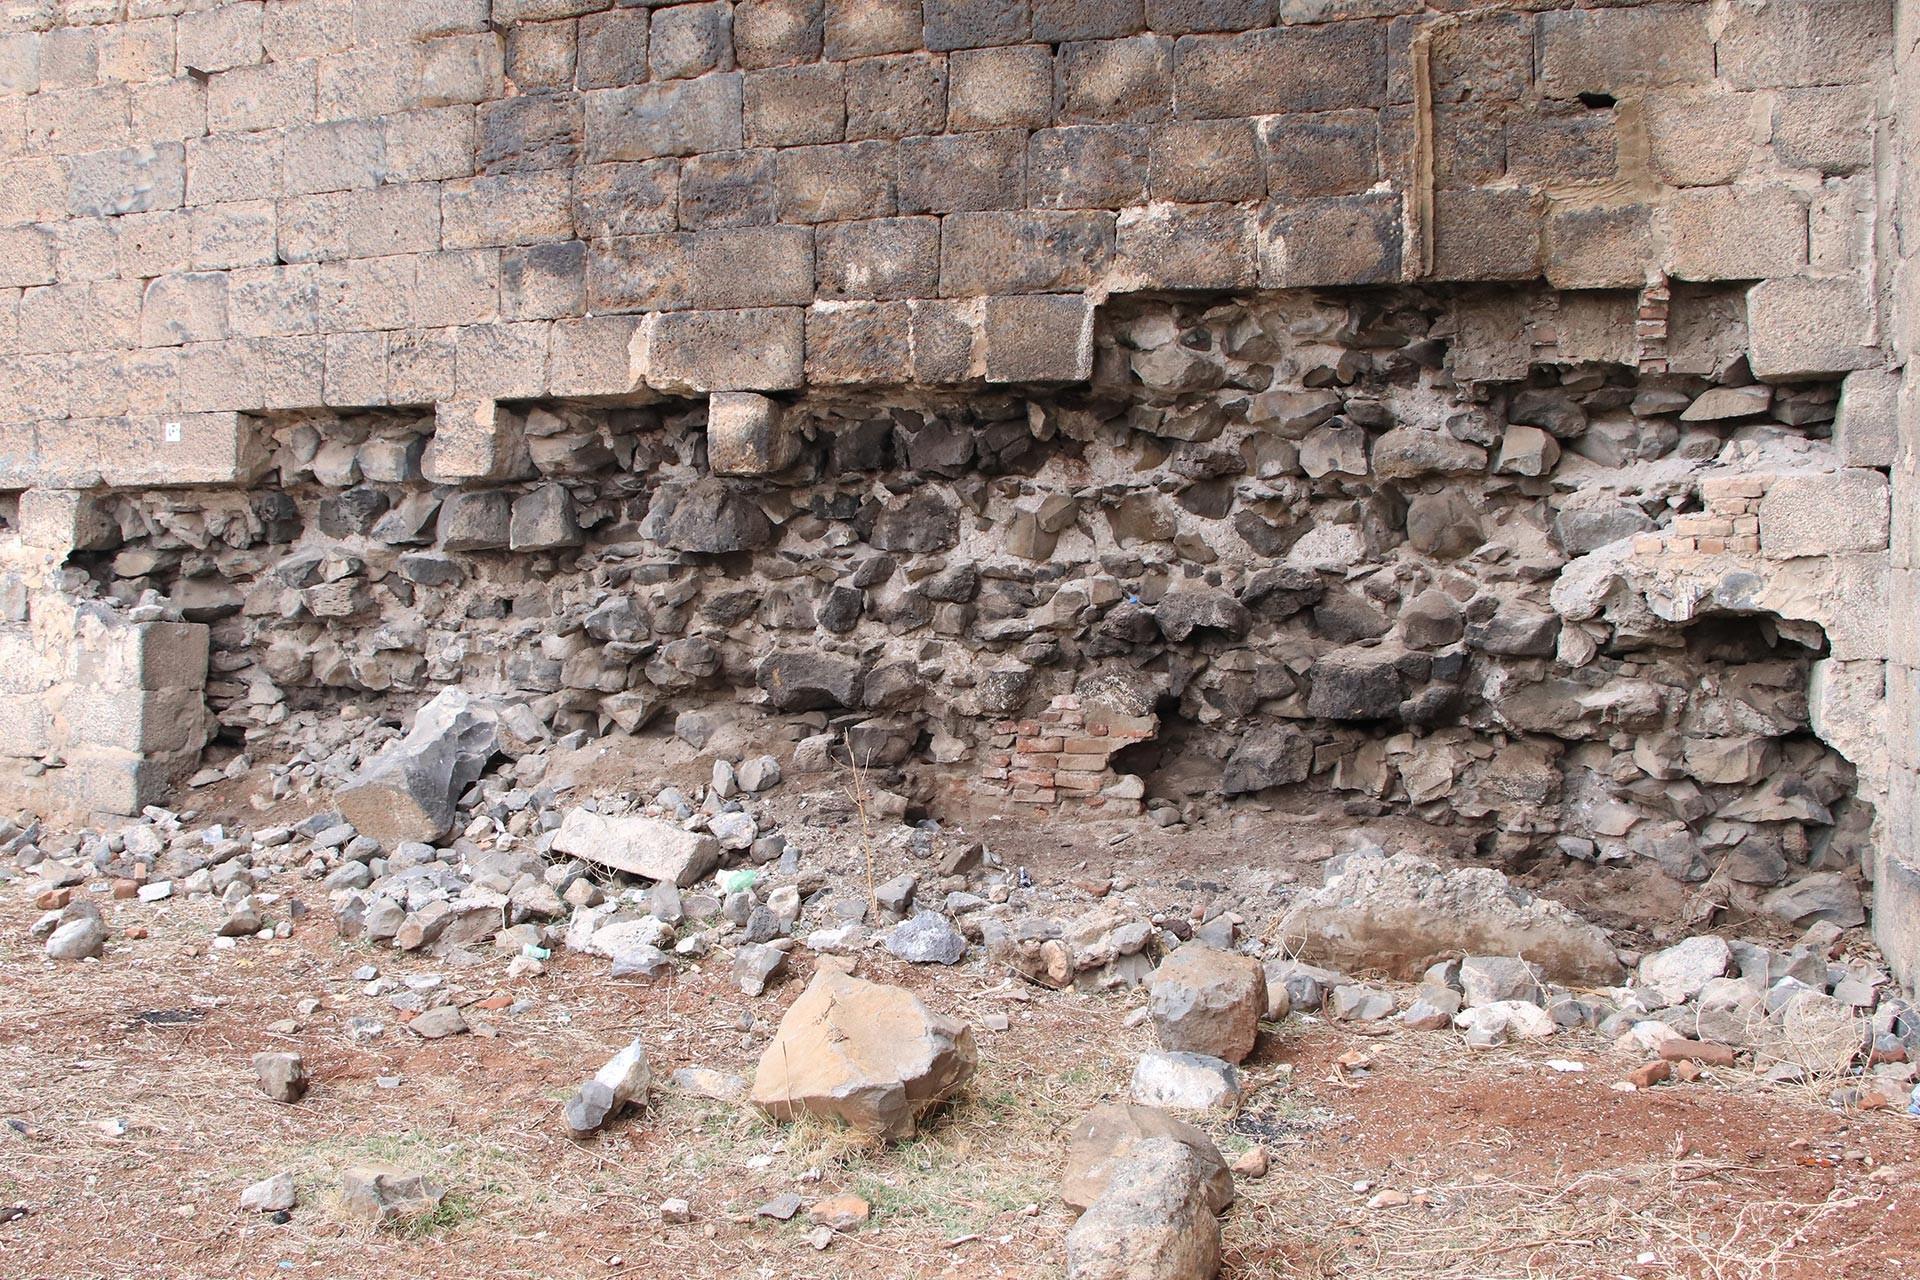 Diyarbakır surlarından sökülen taşlar sonrası sur duvarlarında ortaya çıkan görüntü